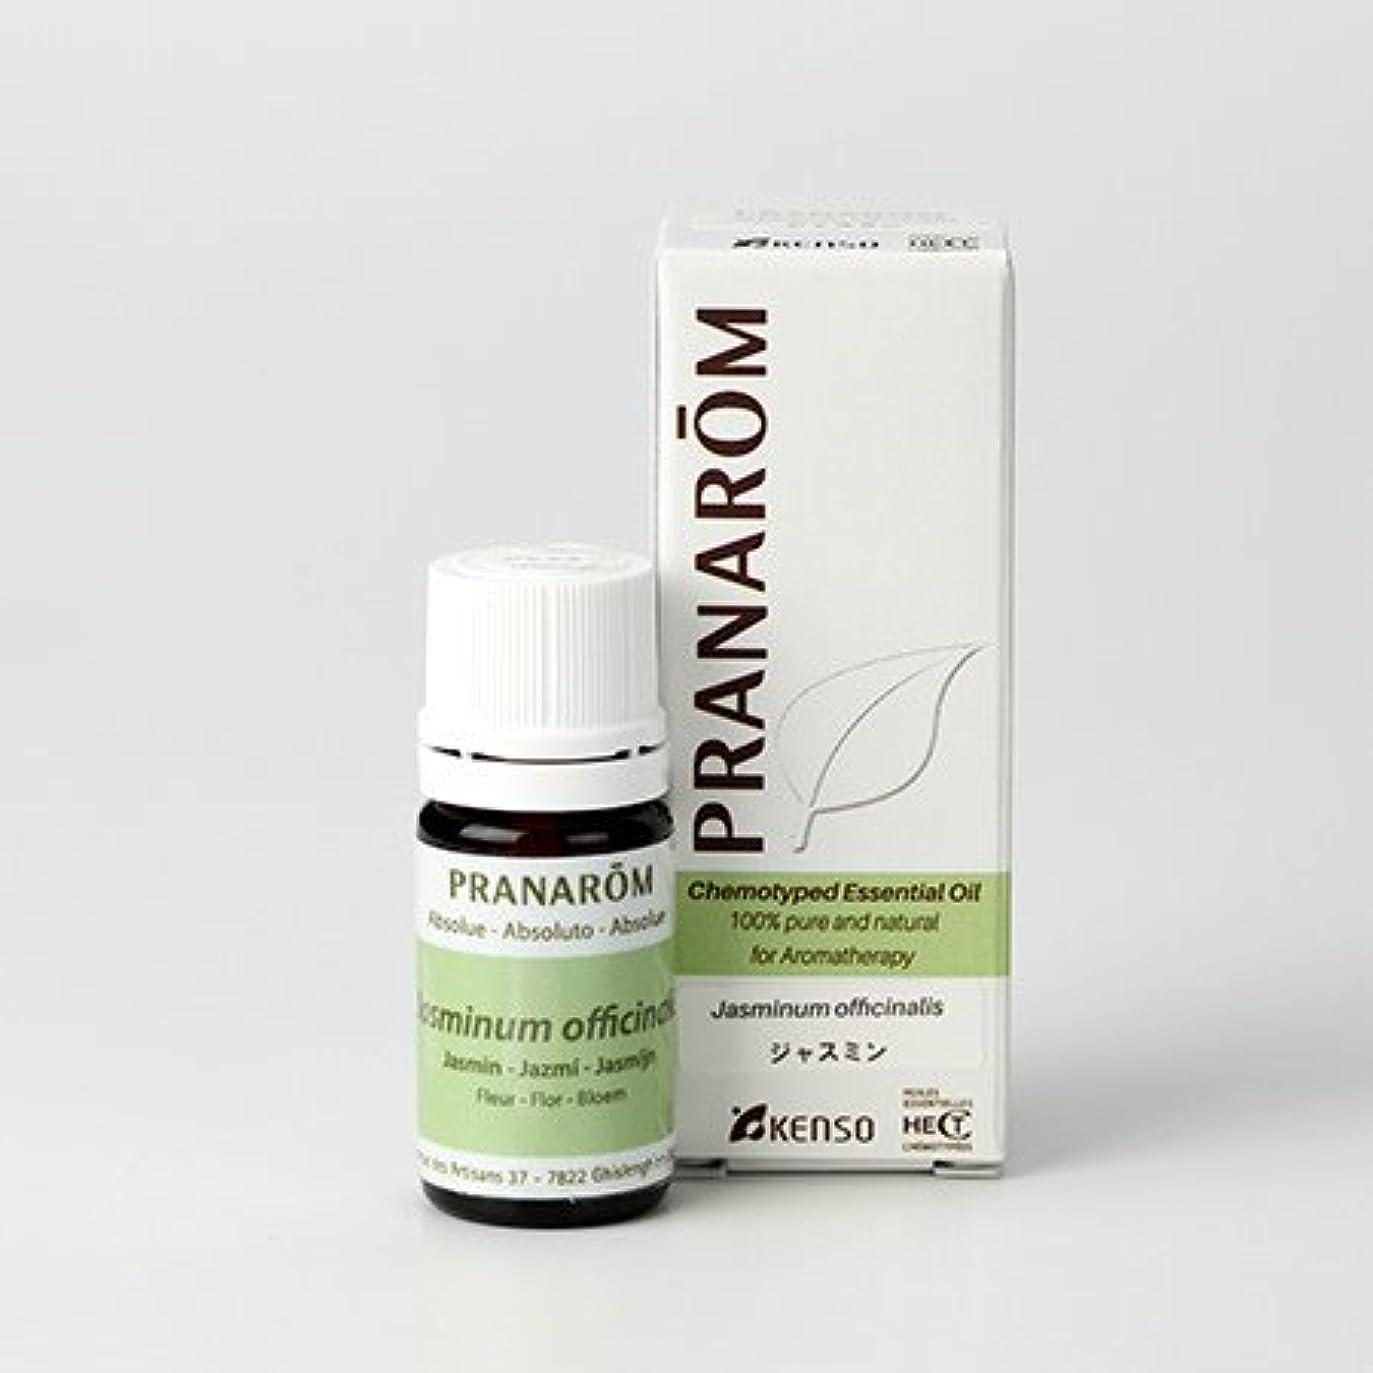 ジェットわがまま群がるプラナロム ジャスミンAbs. 5ml (PRANAROM ケモタイプ精油)